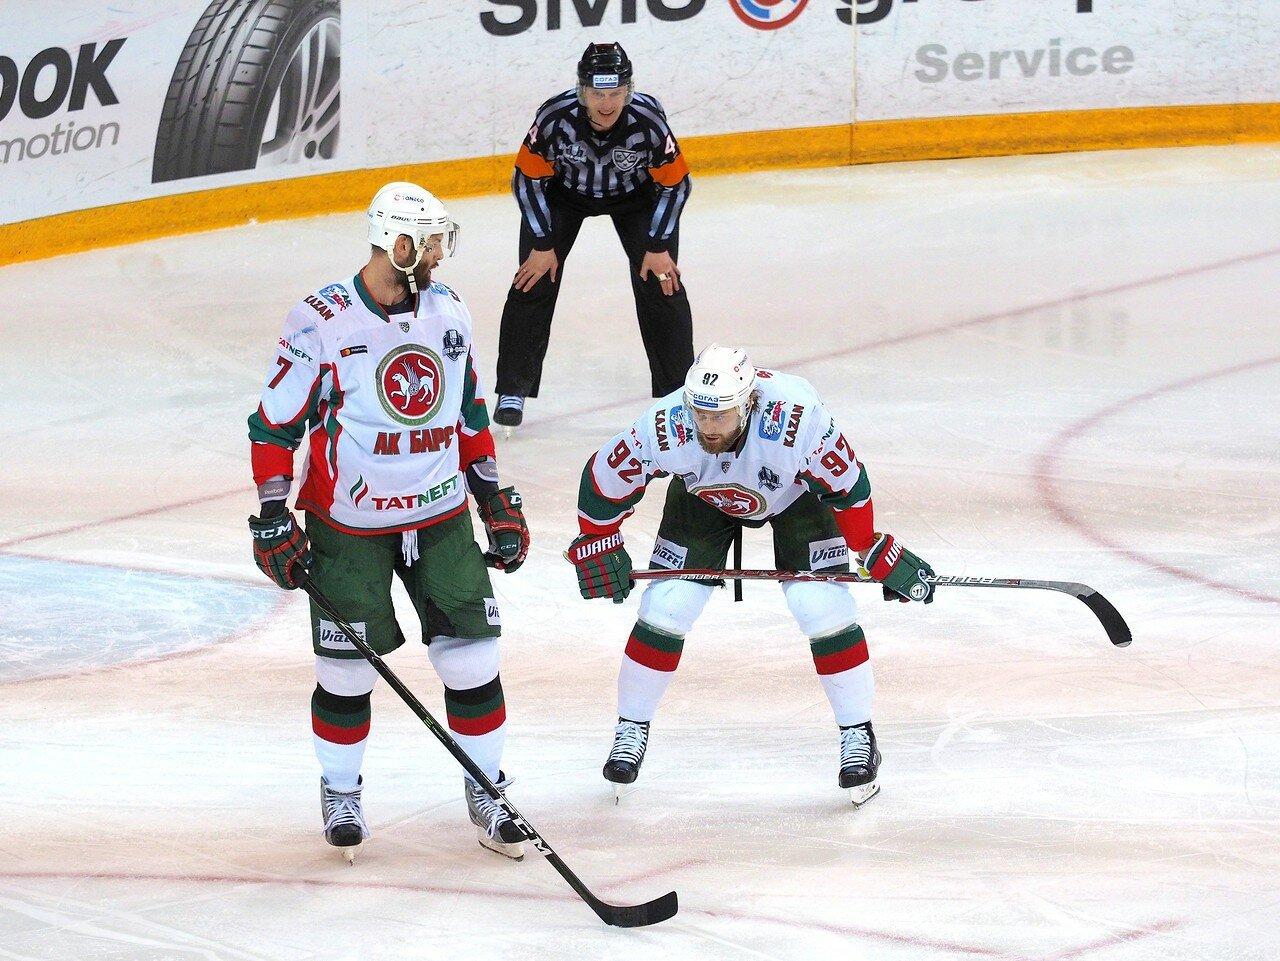 45 Первая игра финала плей-офф восточной конференции 2017 Металлург - АкБарс 24.03.2017